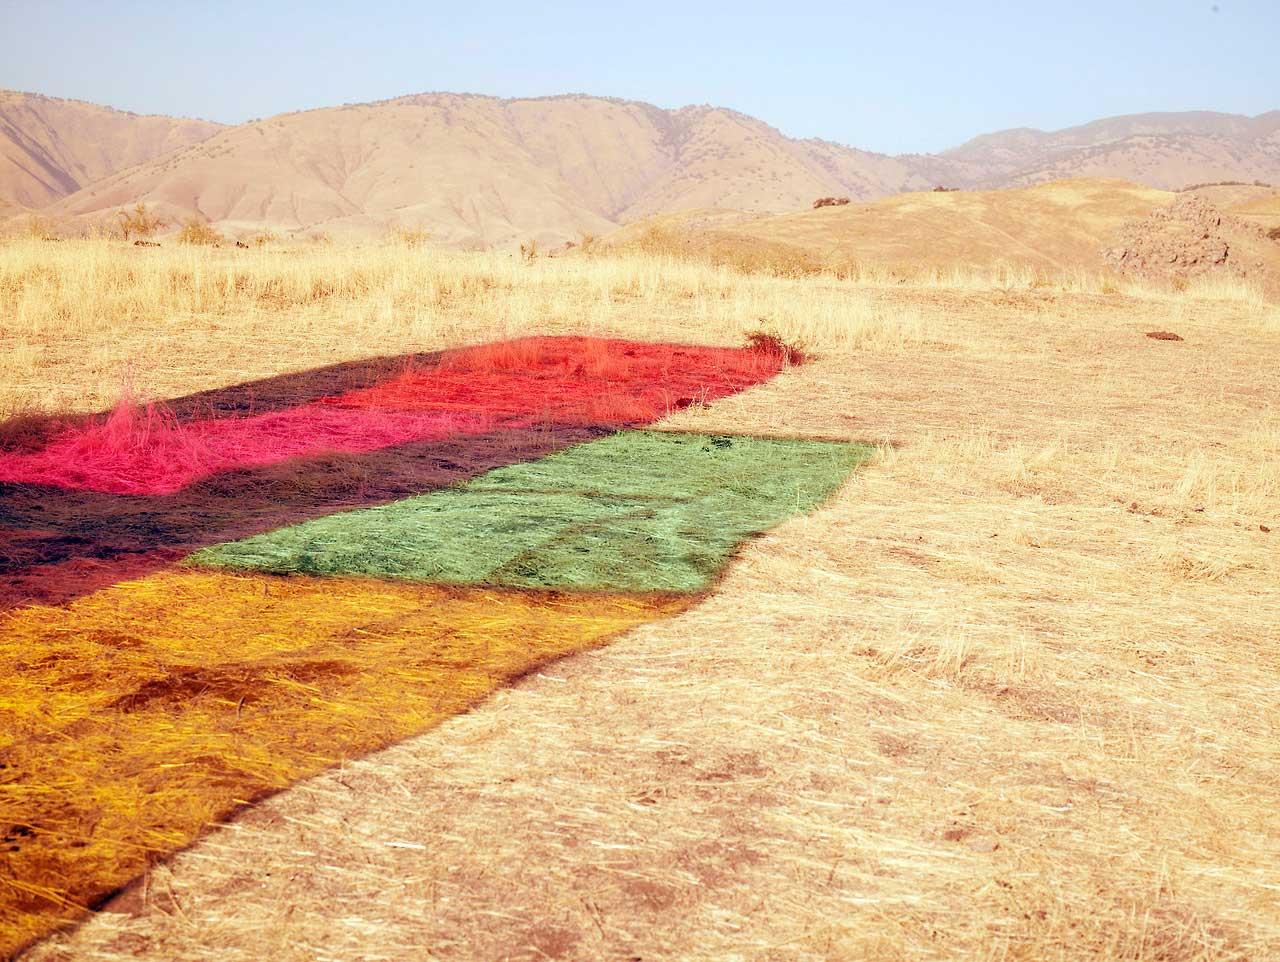 Autumn-de-Wilde-Coloured-Boxes-Yellowtrace-13.jpg